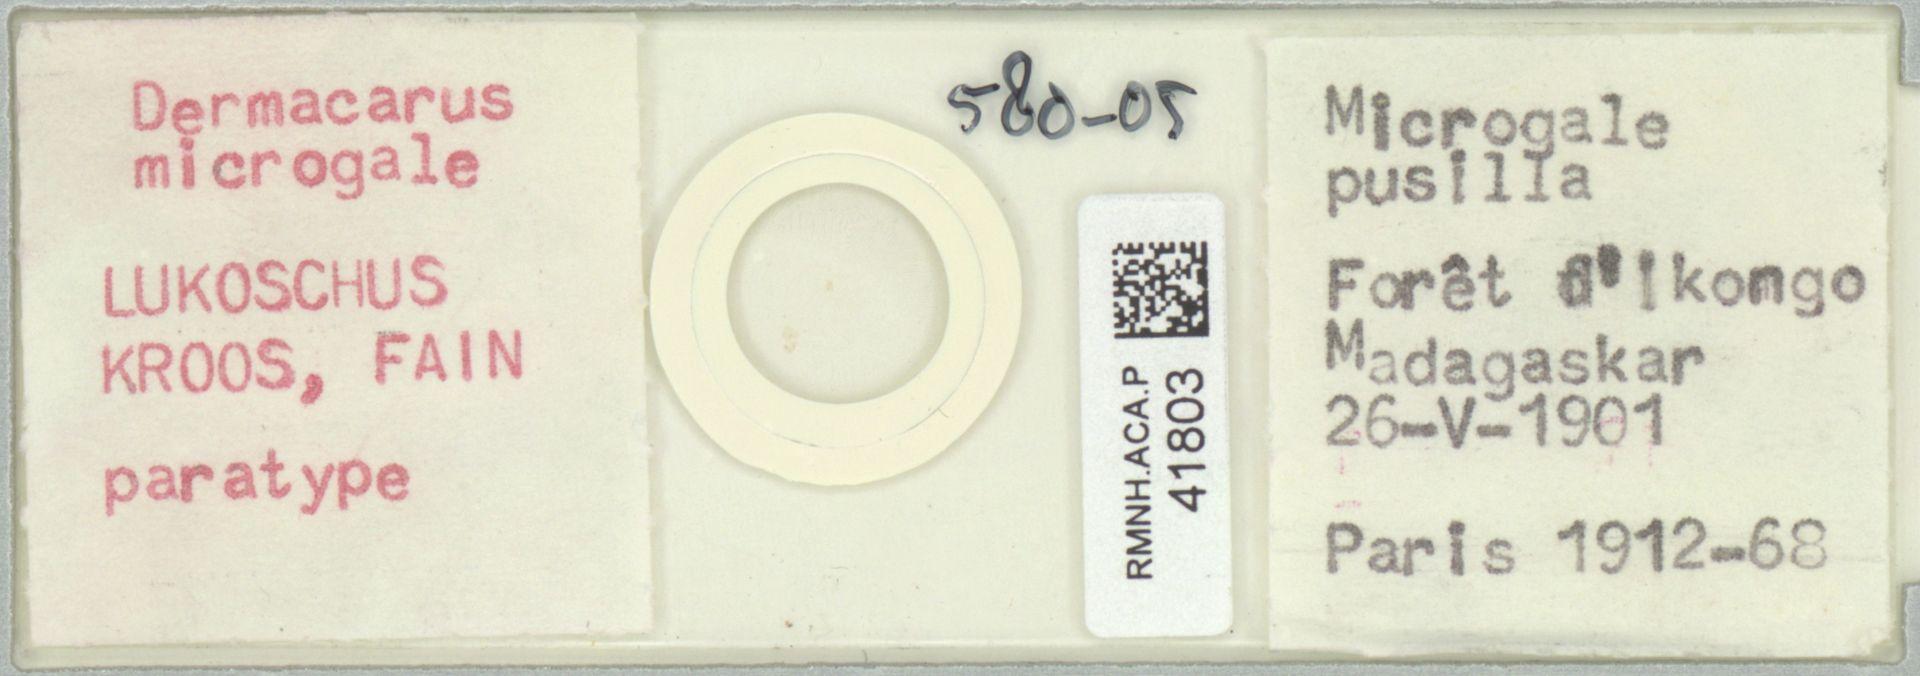 RMNH.ACA.P.41803 | Dermacarus microgale Lukoschus, Kroos & Fain